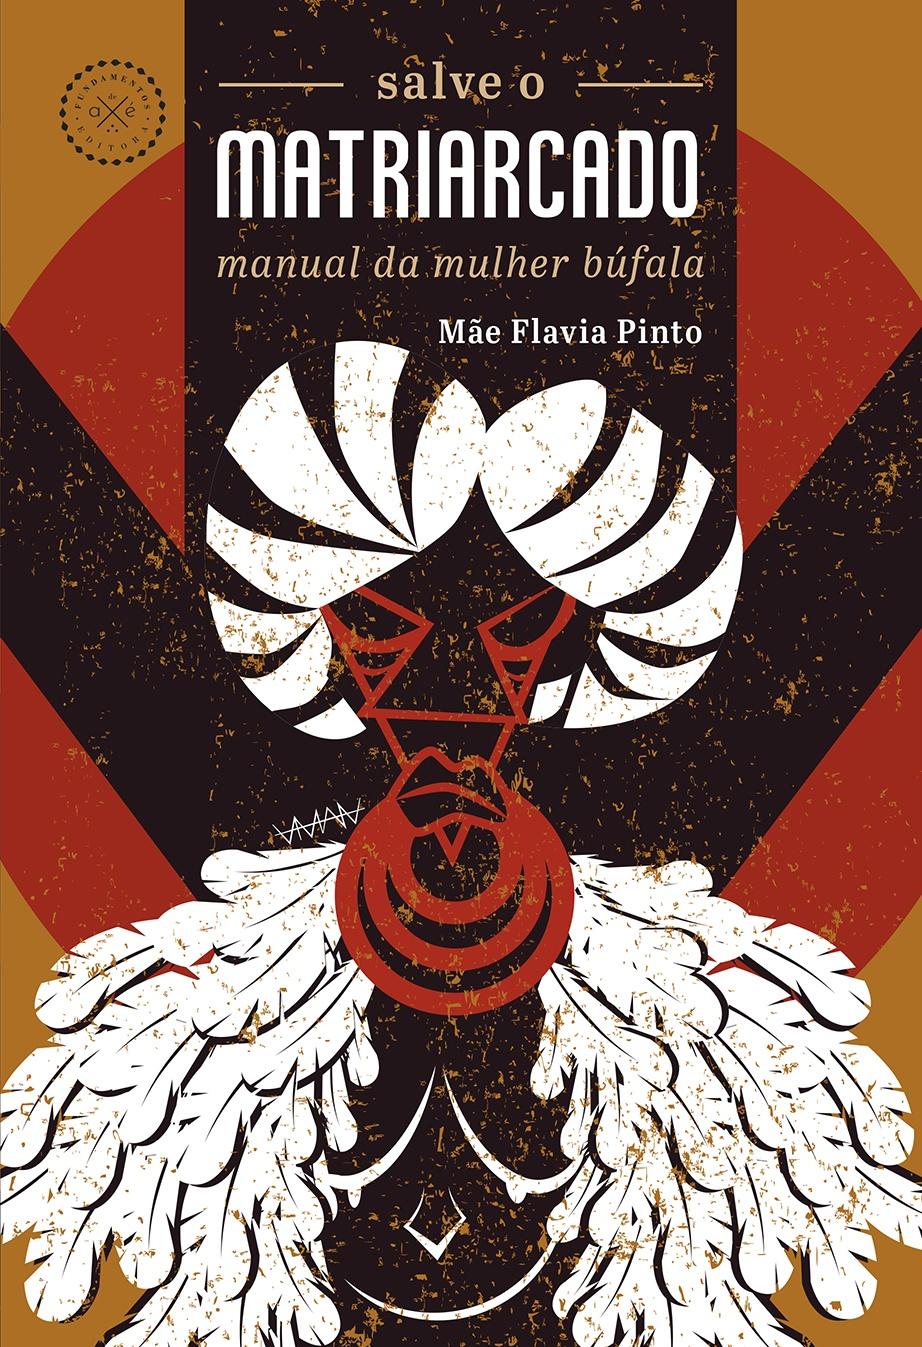 Salve o matriarcado: manual da mulher búfala, de Mãe Flavia Pinto (Fundamentos de Axé)